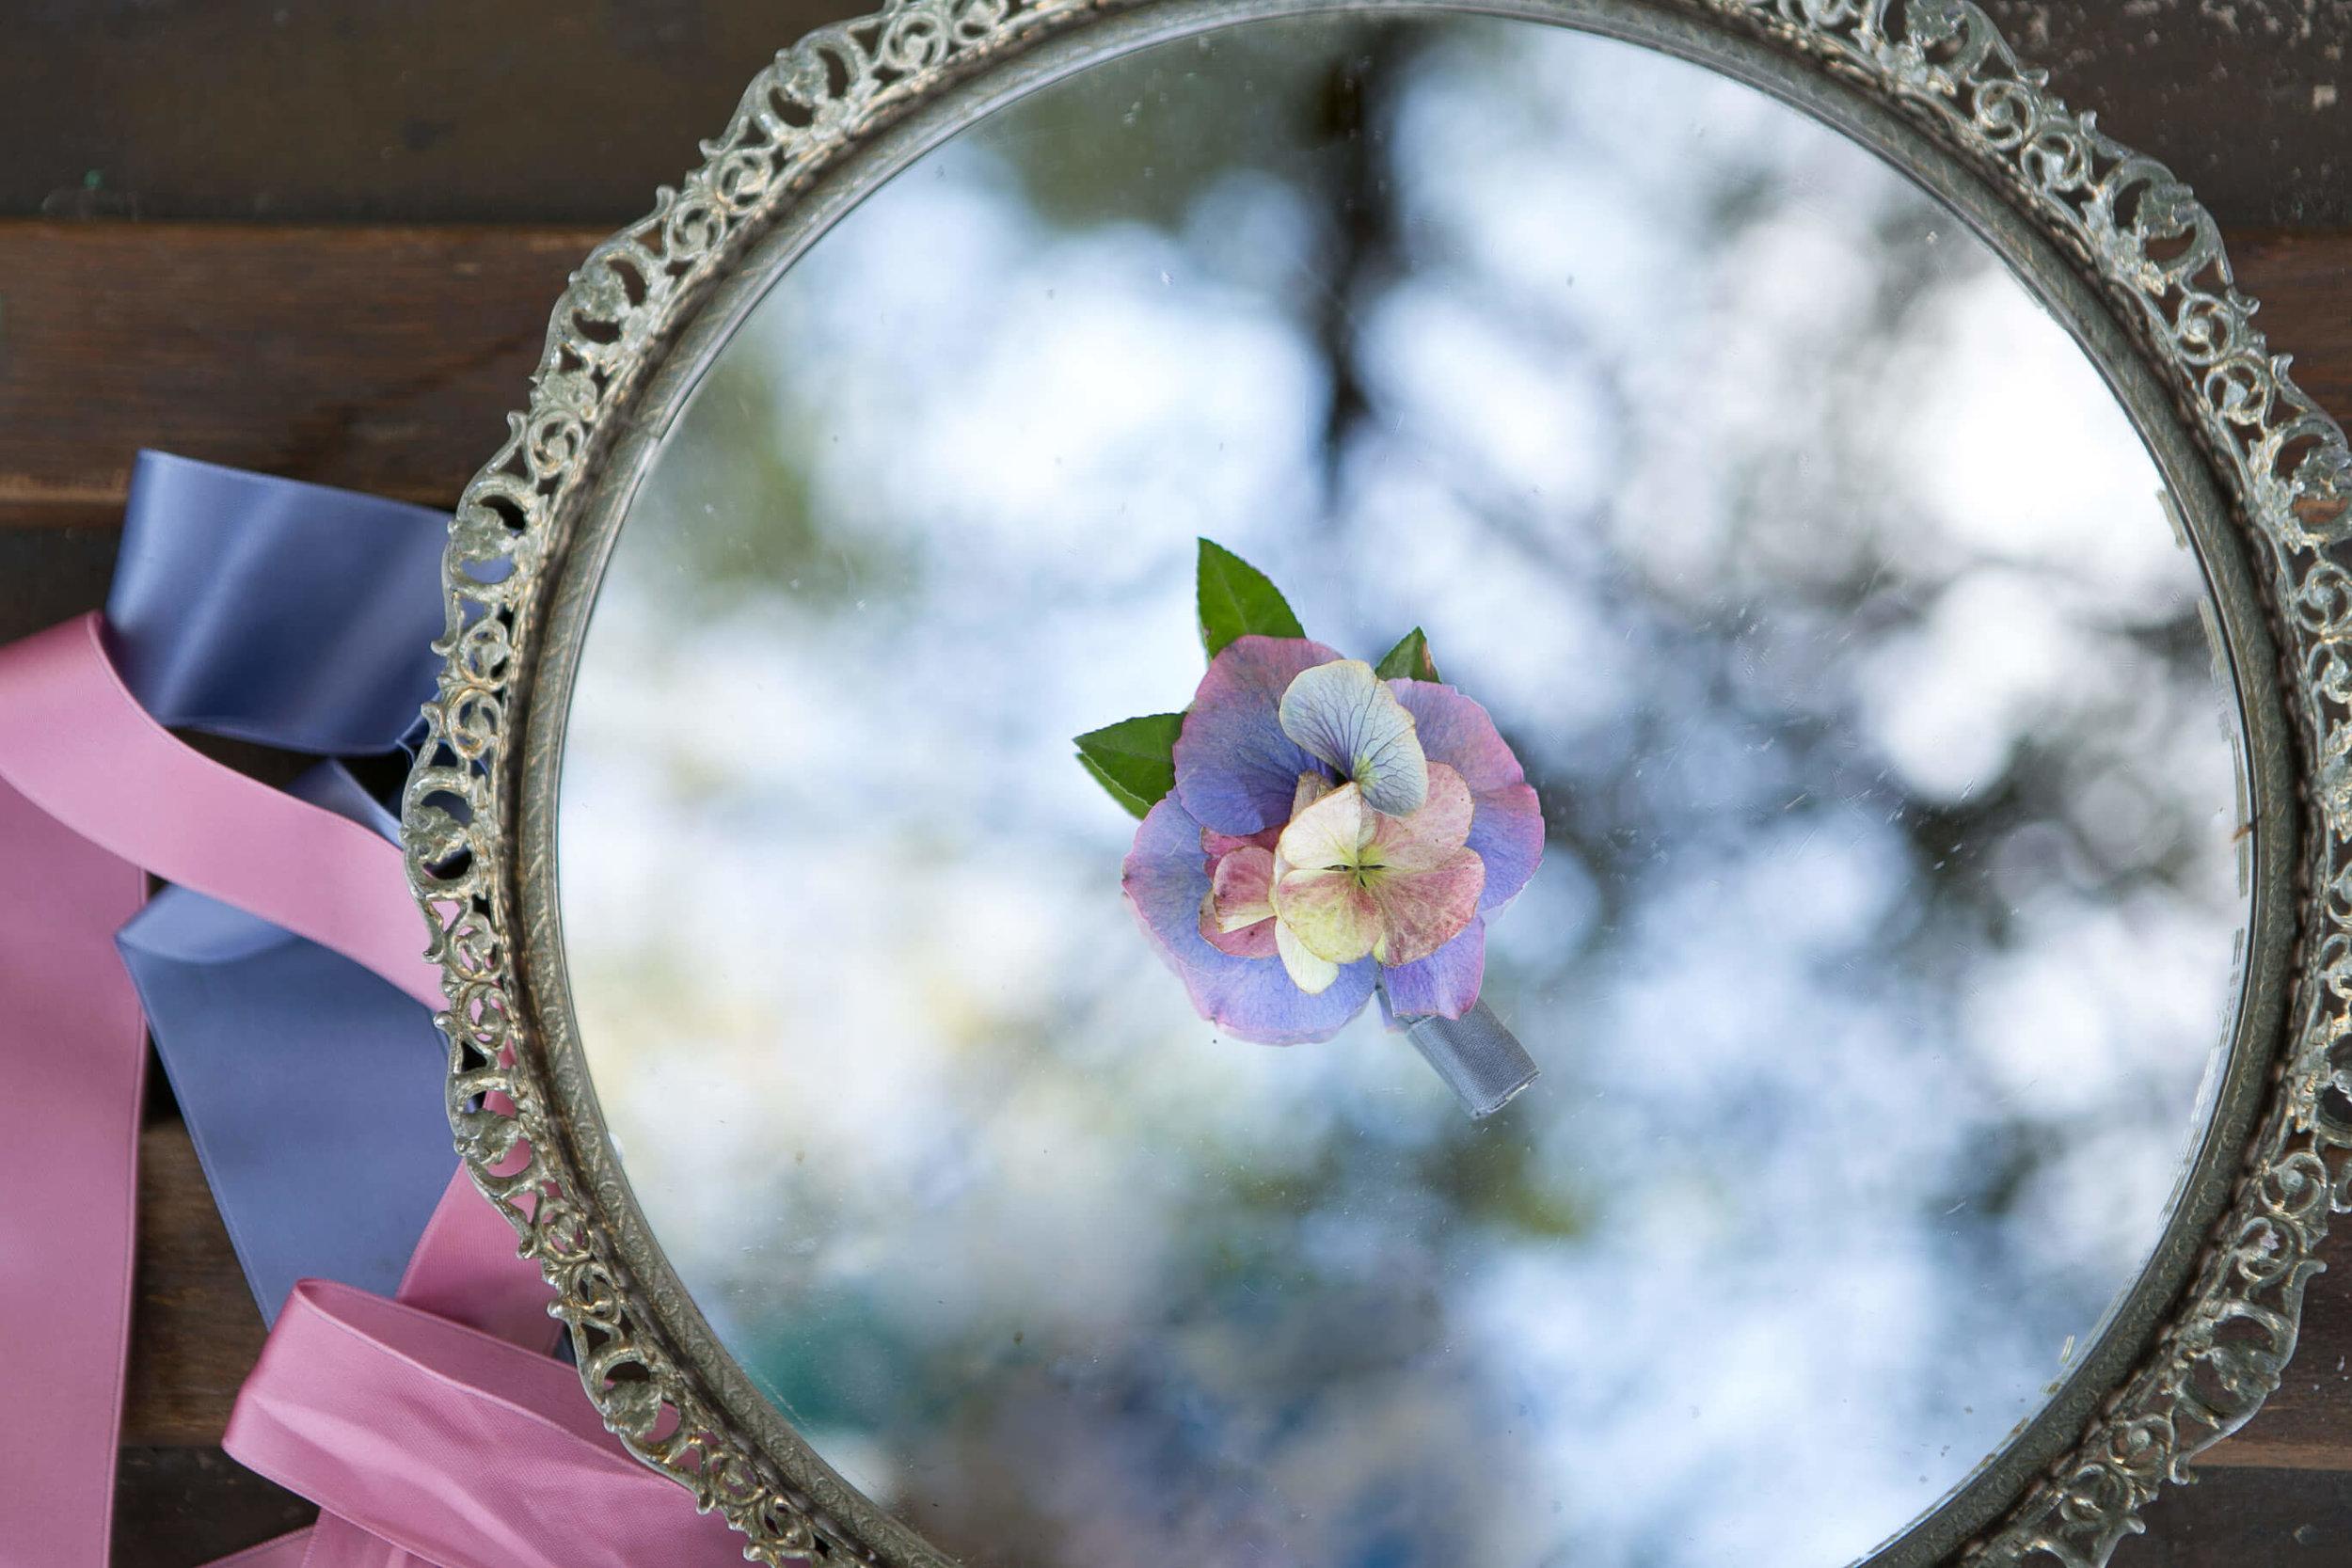 Provenance Vintage Rentals Spring Boho Shoot 7.jpg